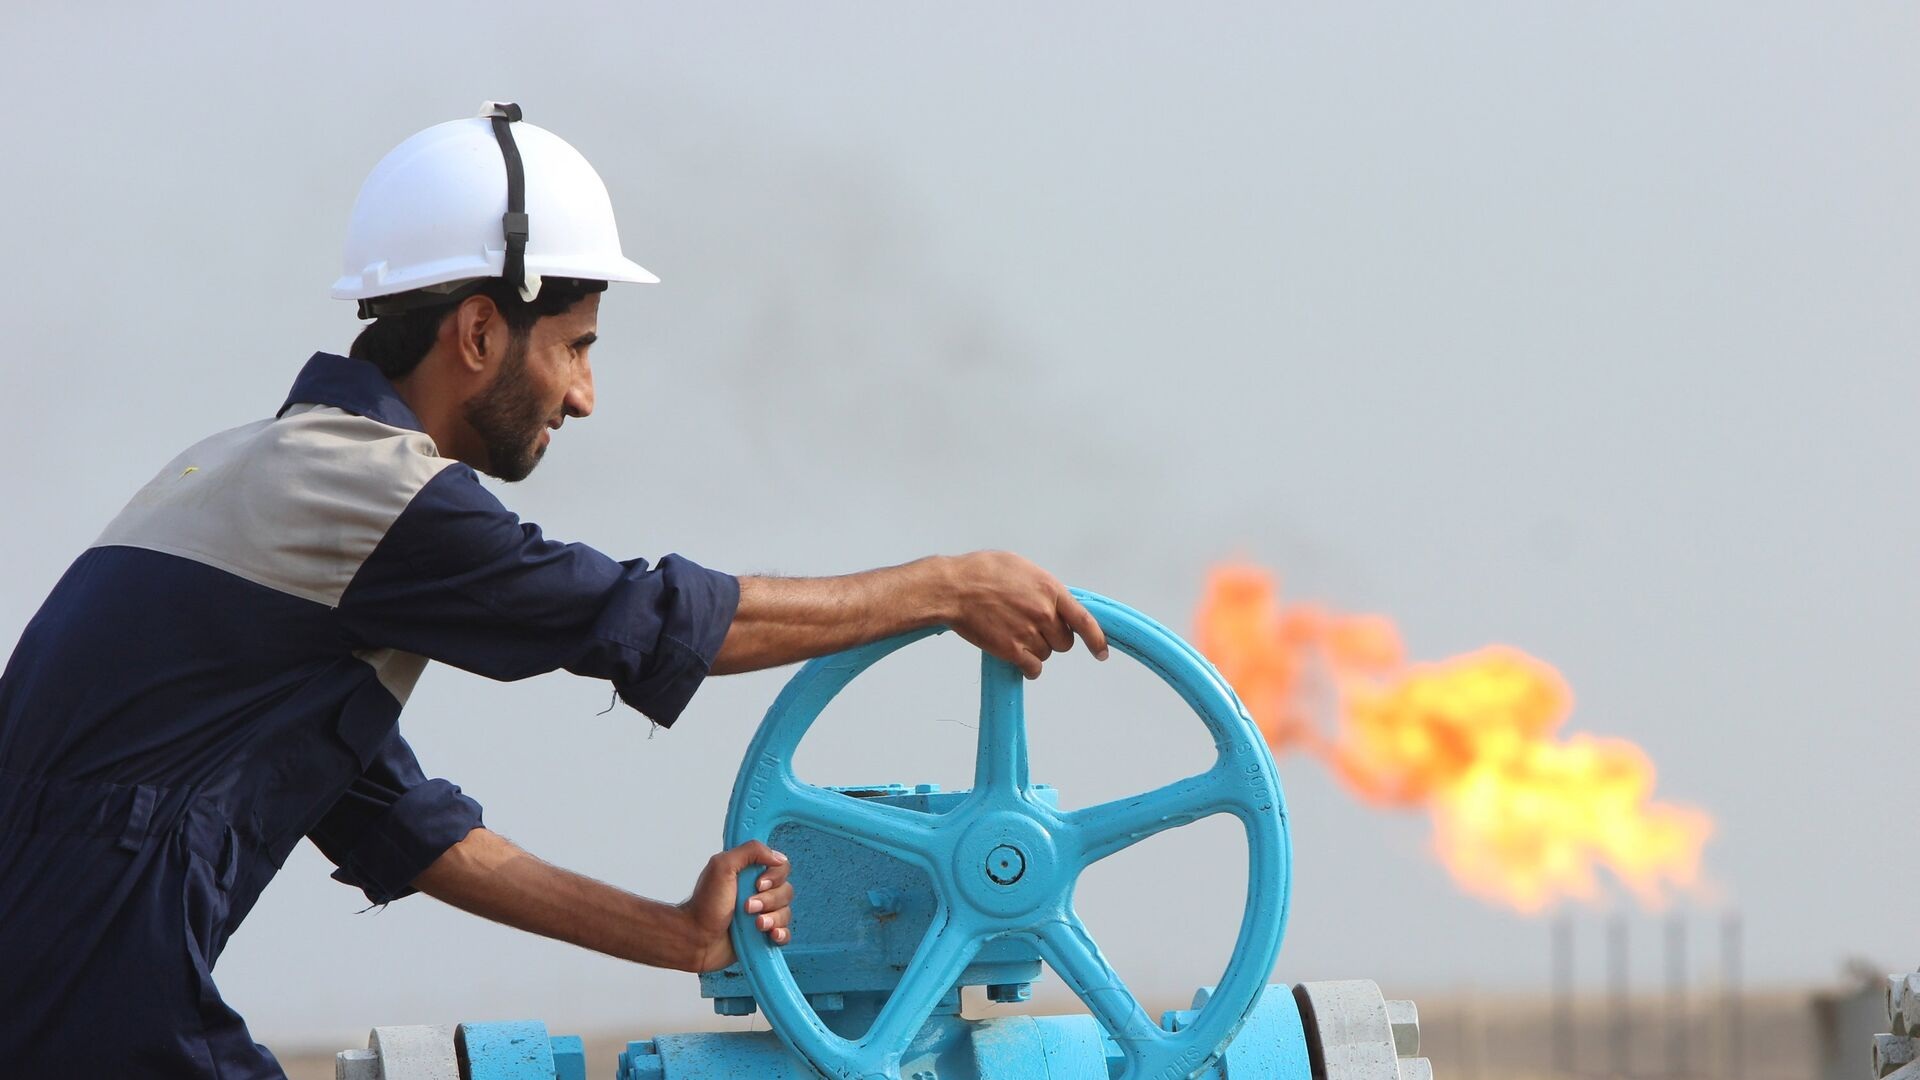 Empleado comprueba una tubería de petróleo en Irak - Sputnik Mundo, 1920, 25.02.2021